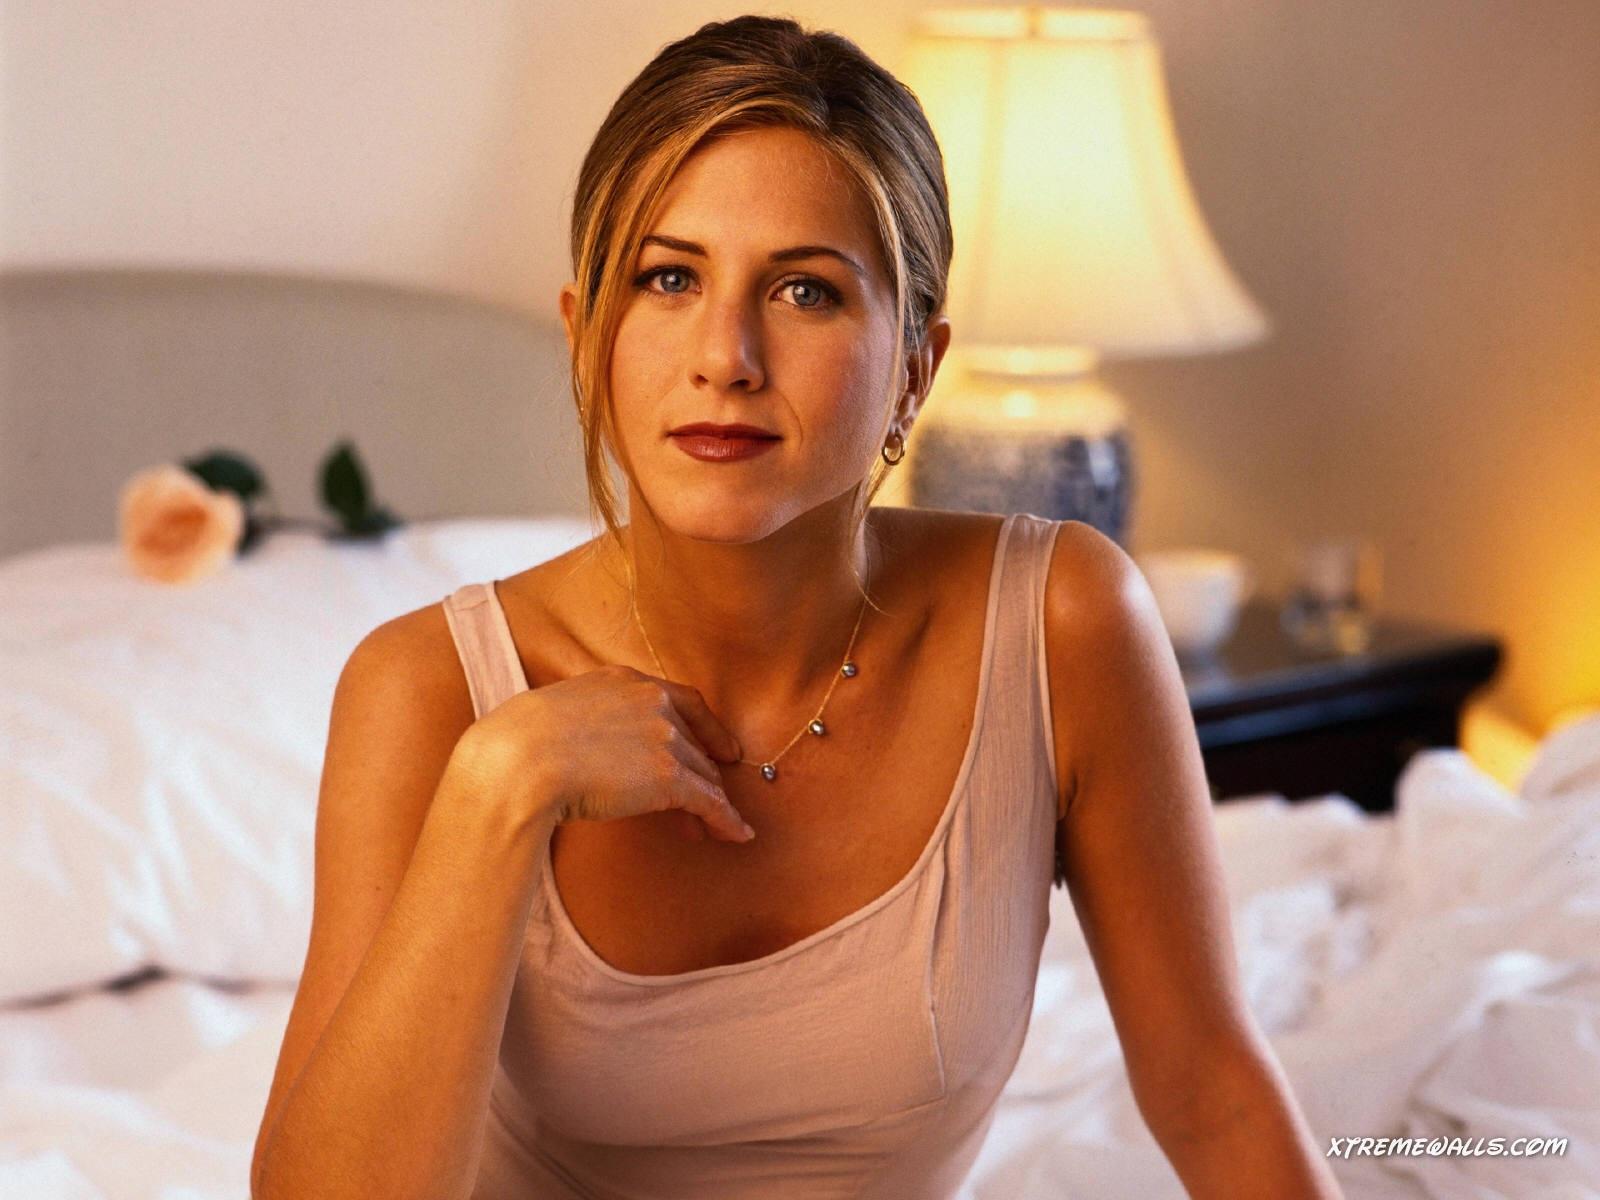 http://2.bp.blogspot.com/-0JYFvm2Yisc/UHij3dAwlZI/AAAAAAAACM8/P3LSz69vD6k/s1600/1-Jennifer-Aniston.jpg